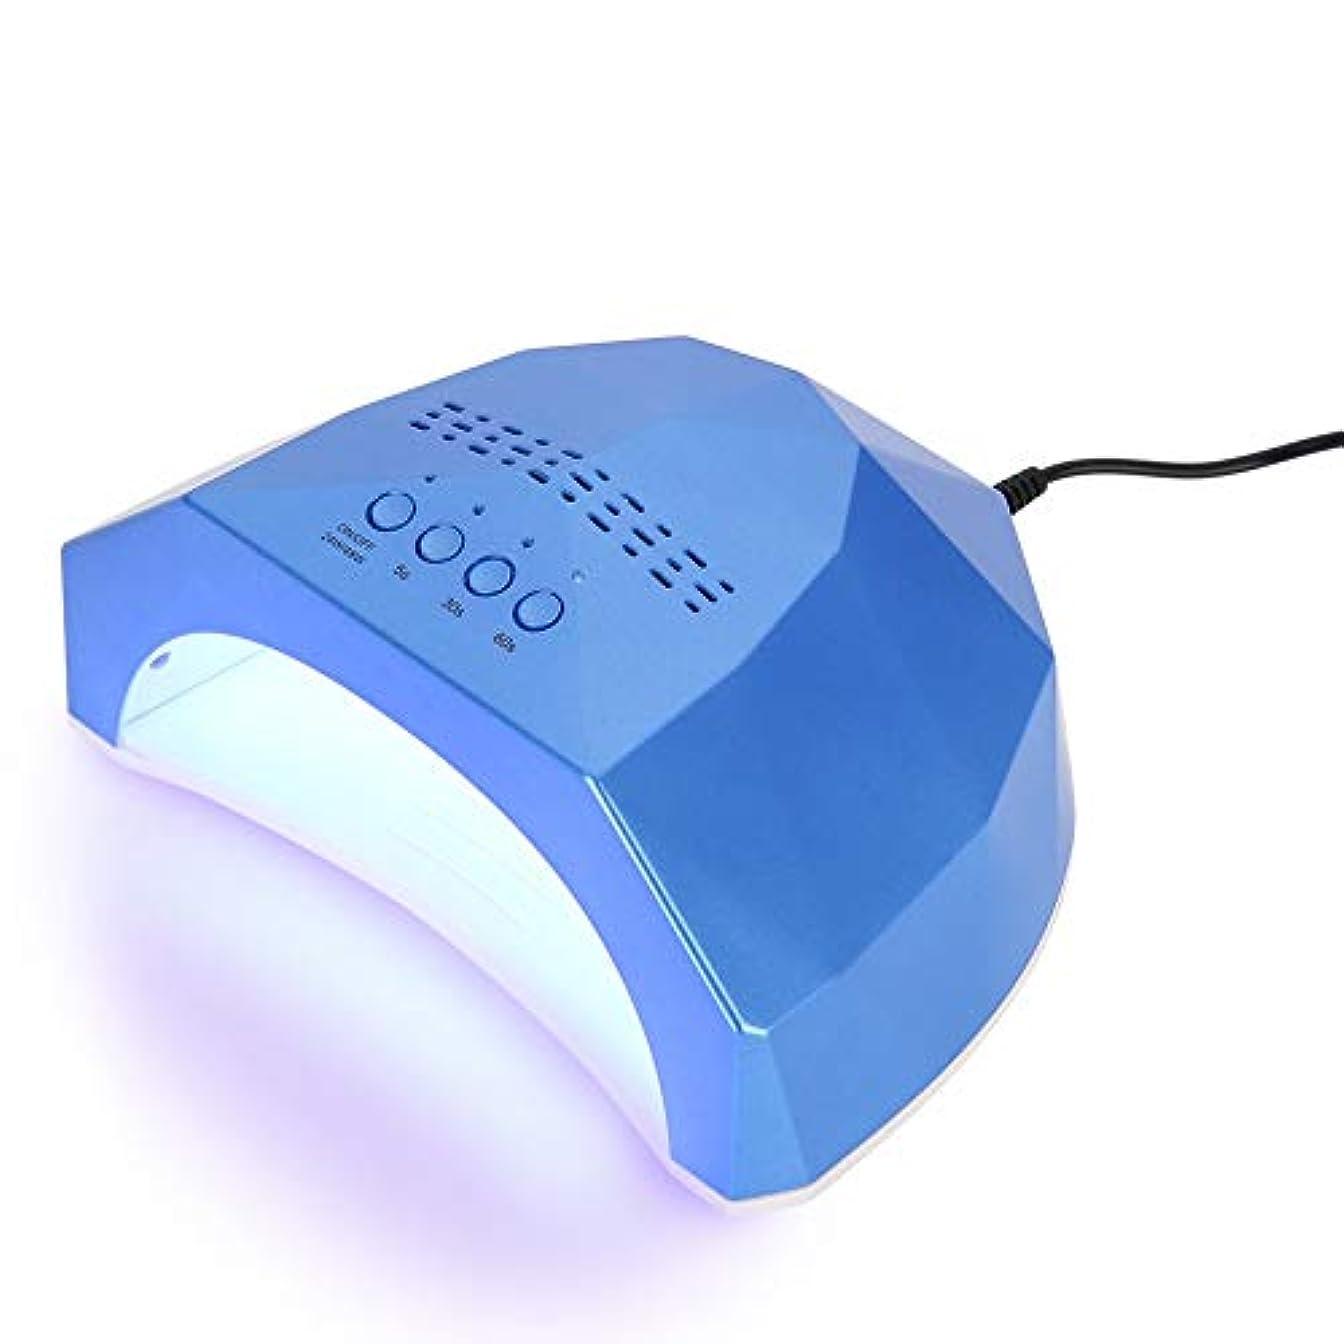 後悔外科医レッスン48W ネイルアートLEDランプ ネイルドライヤー LED釘ランプのドライヤーラン 硬化マニキュア (Blue)